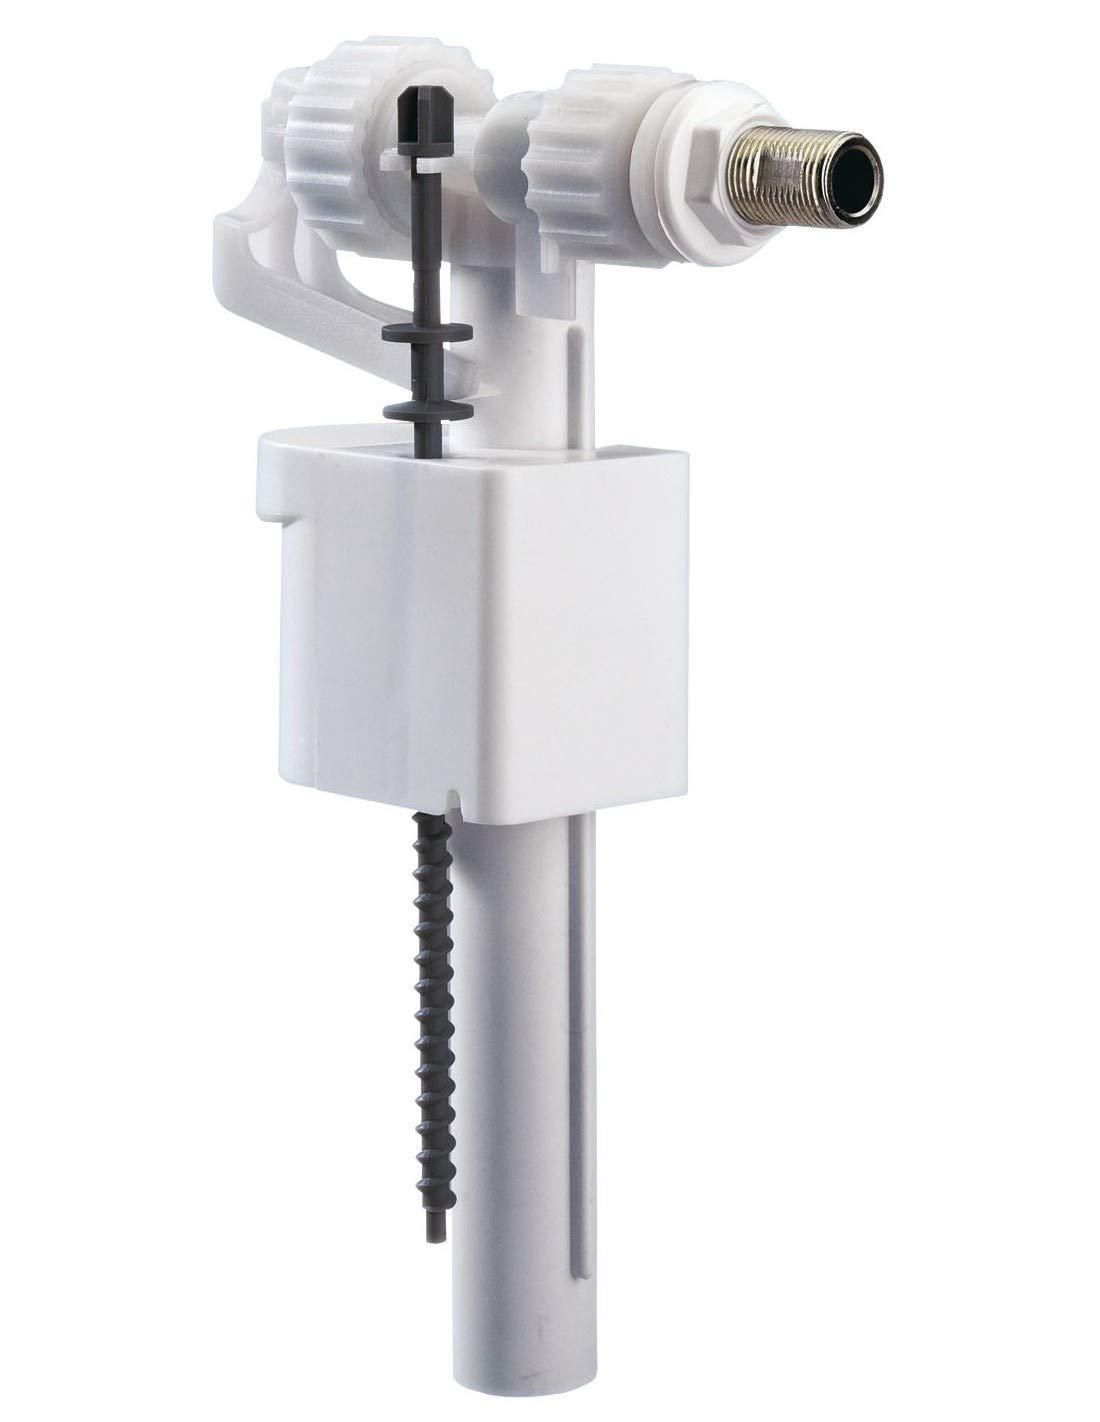 Siamp - Grifo flotador para cisterna (alimentación lateral, 95 L): Amazon.es: Bricolaje y herramientas